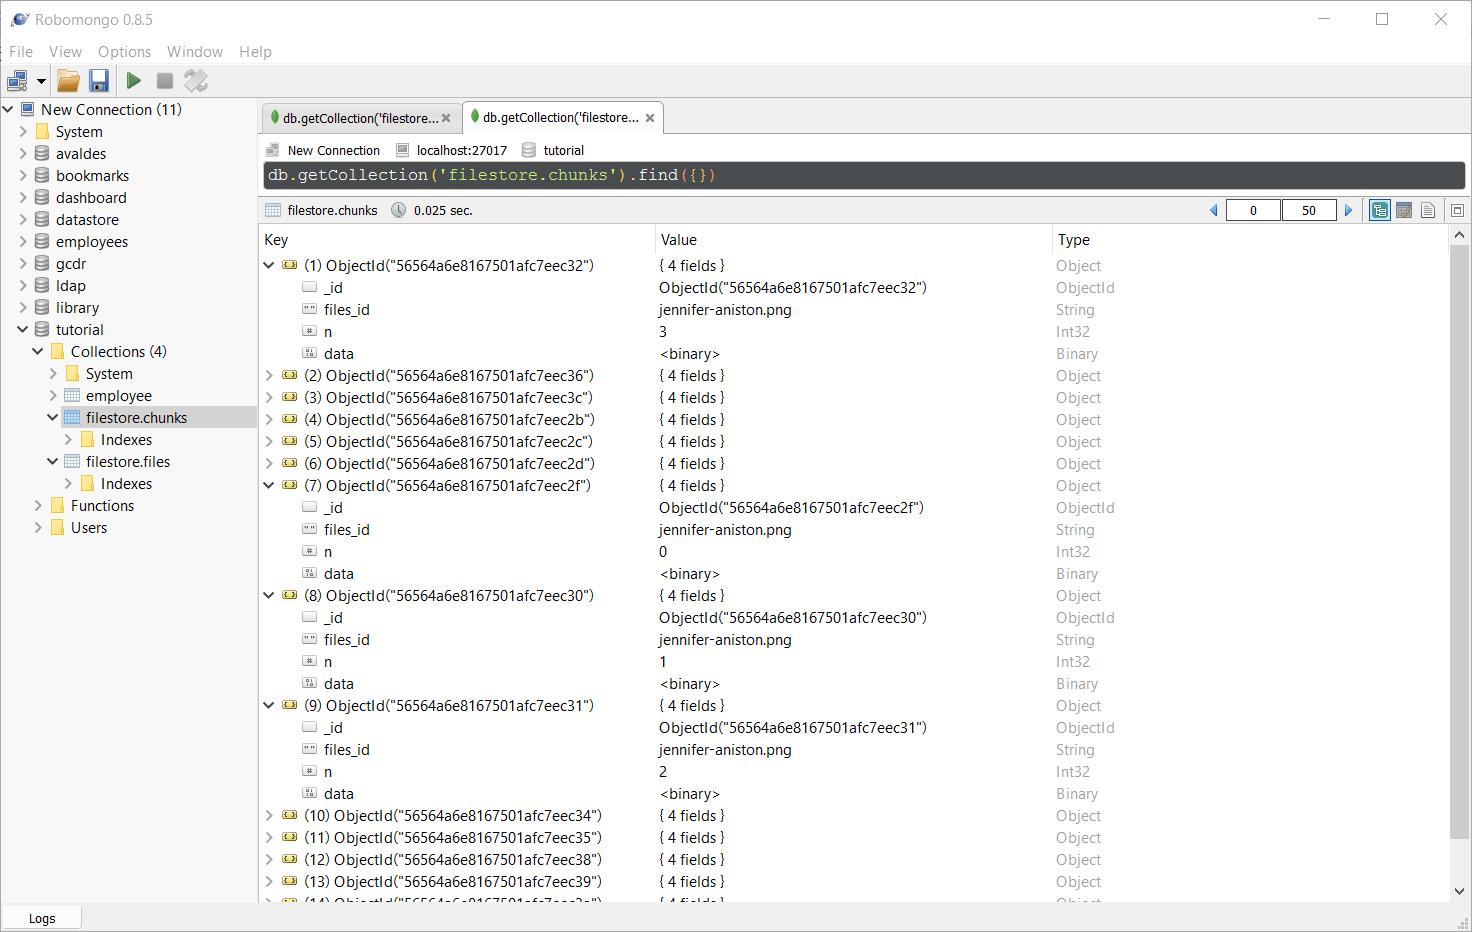 filestore-chunks